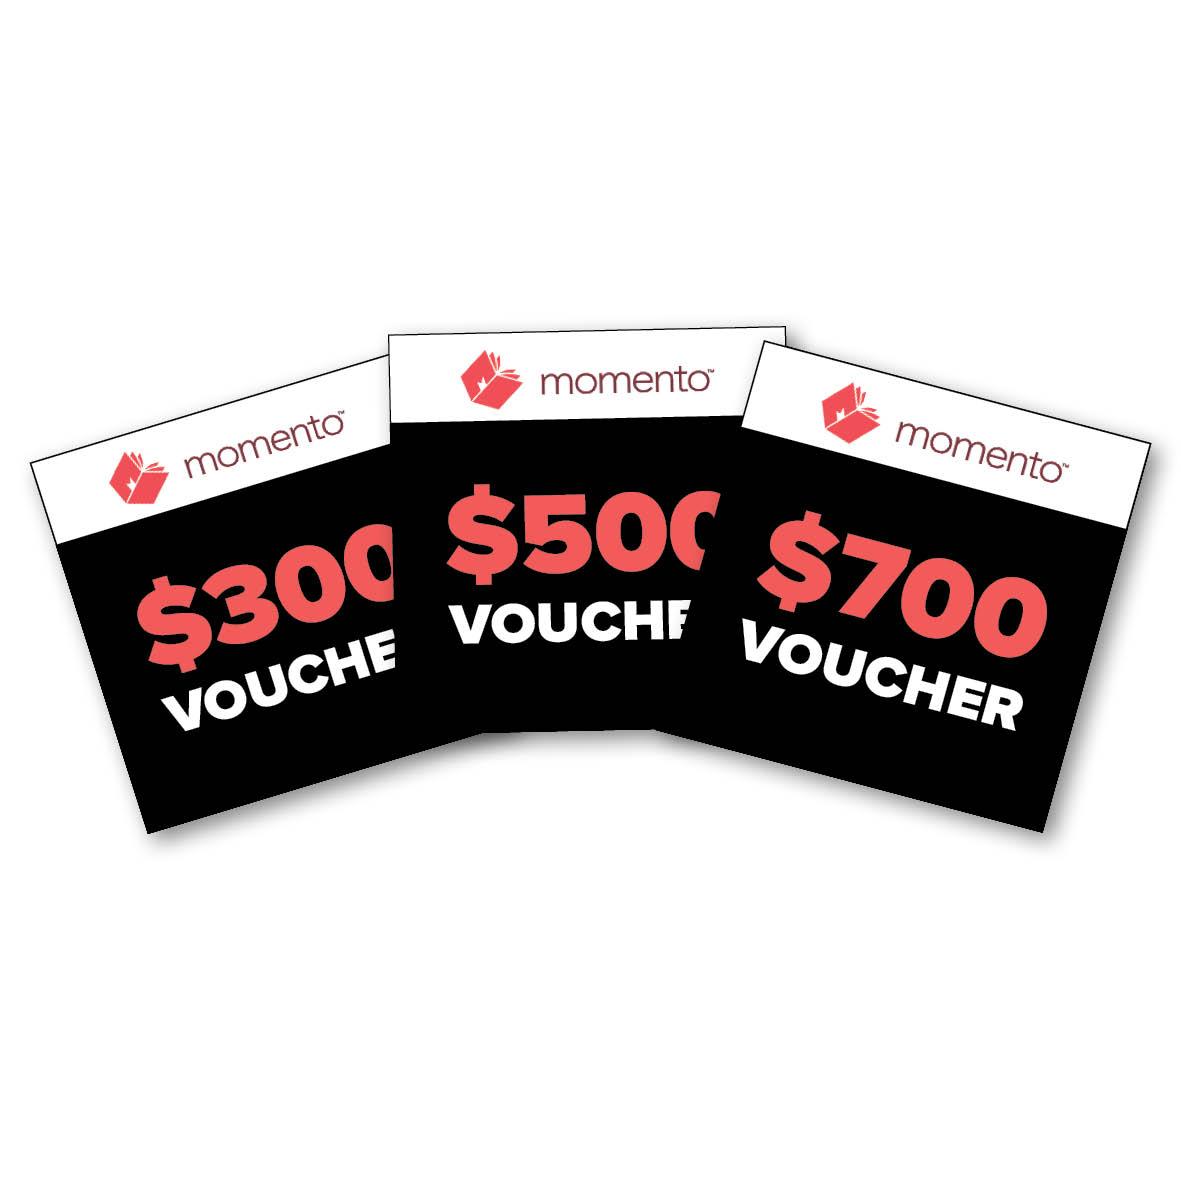 Architecture - Sponsored by MomentoFirst: $700 voucherSecond: $500 voucherThird: $300 voucher